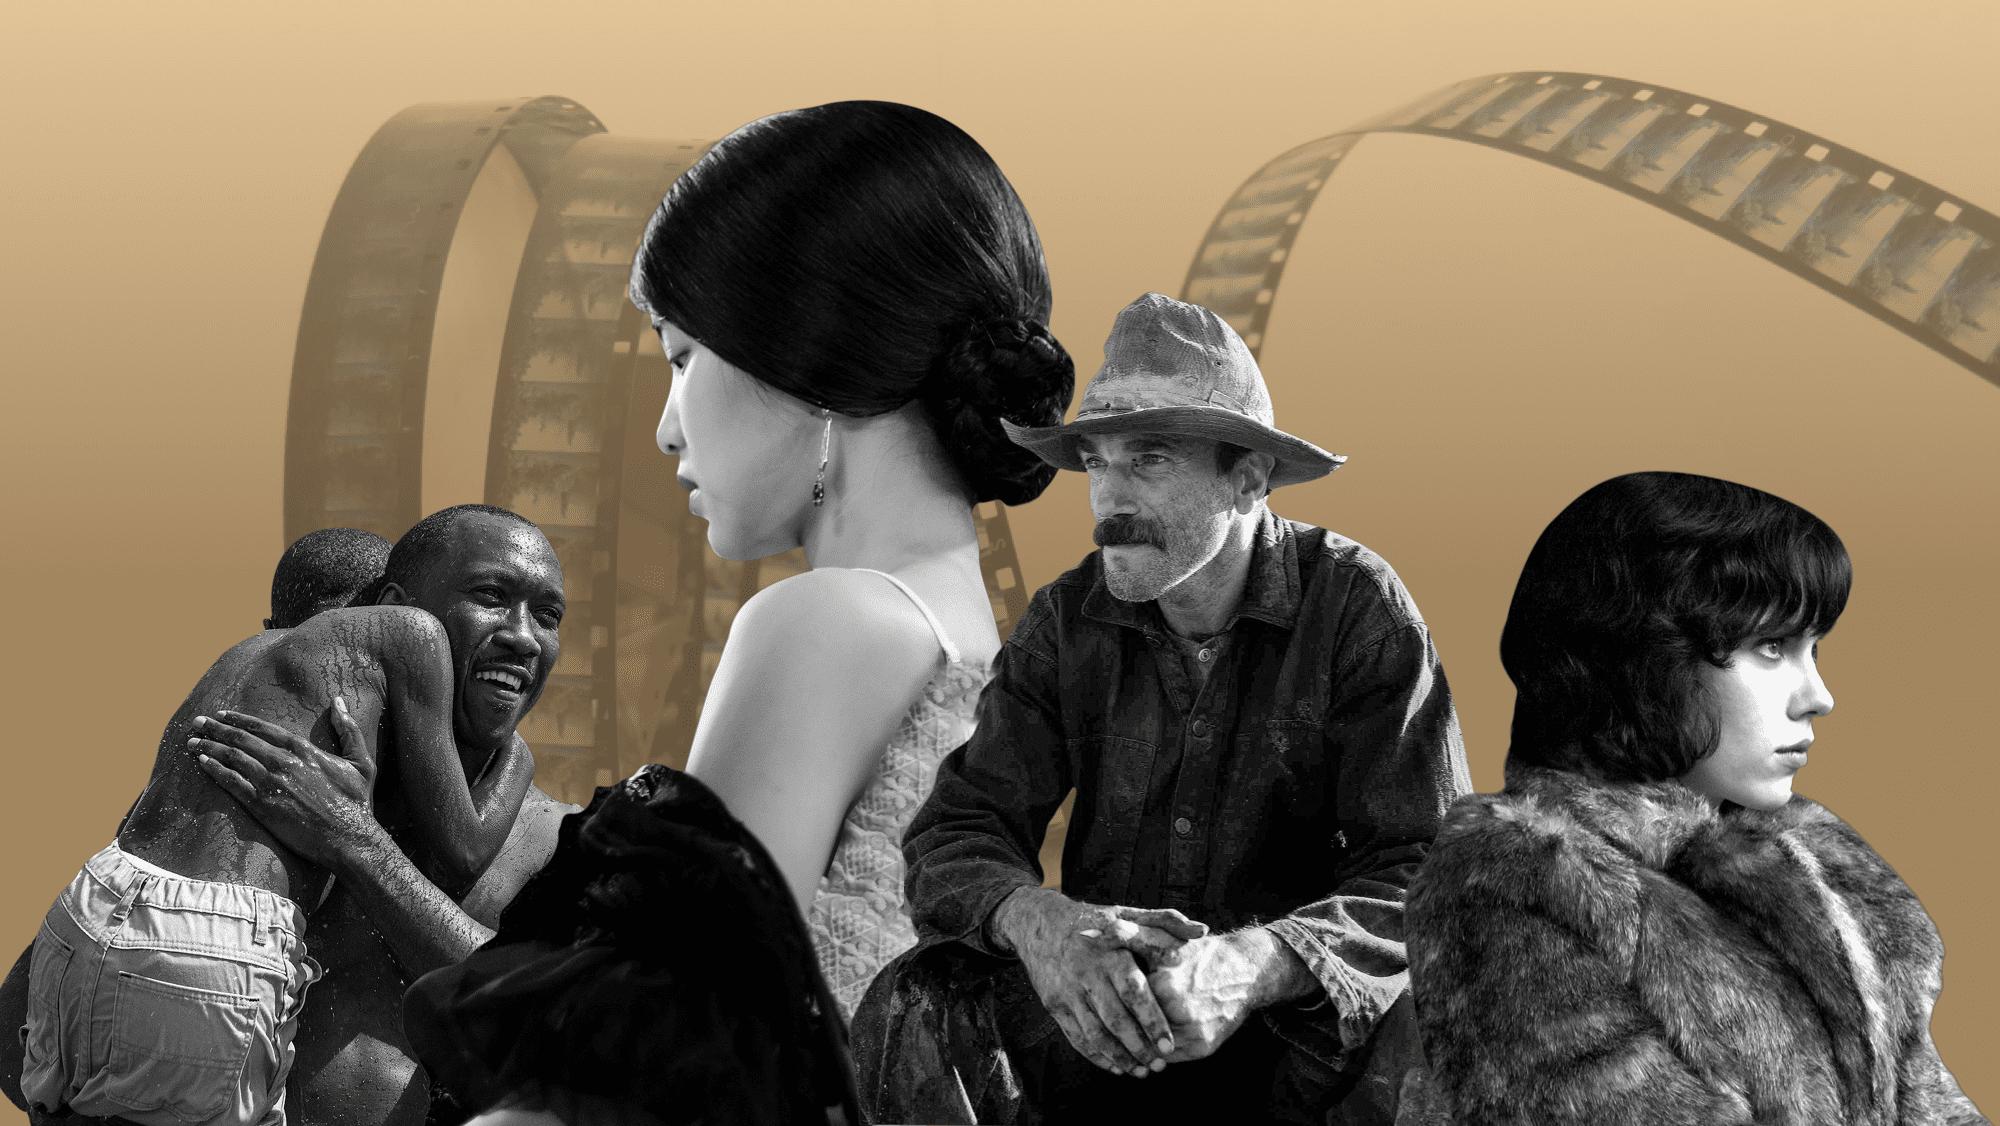 ۱۰۰ فیلم برتر قرن ۲۱ به انتخاب گاردین